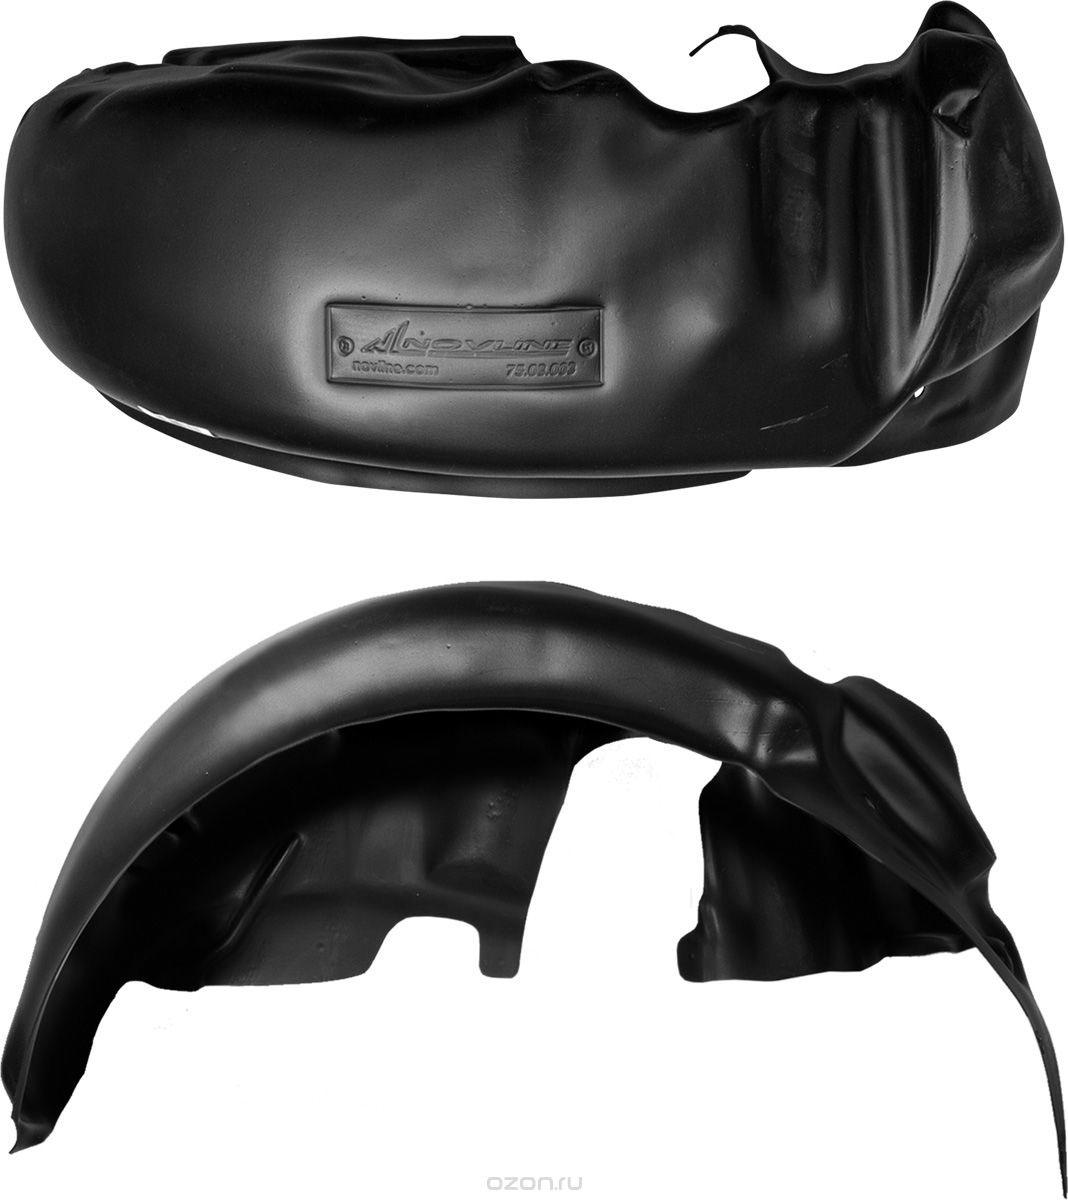 Подкрылок Novline-Autofamily, для CITROEN Jumper 2006-> с расширителями арок, задний правый44701001Идеальная защита колесной ниши. Локеры разработаны с применением цифровых технологий, гарантируют максимальную повторяемость поверхности арки. Изделия устанавливаются без нарушения лакокрасочного покрытия автомобиля, каждый подкрылок комплектуется крепежом. Уважаемые клиенты, обращаем ваше внимание, что фотографии на подкрылки универсальные и не отражают реальную форму изделия. При этом само изделие идет точно под размер указанного автомобиля.